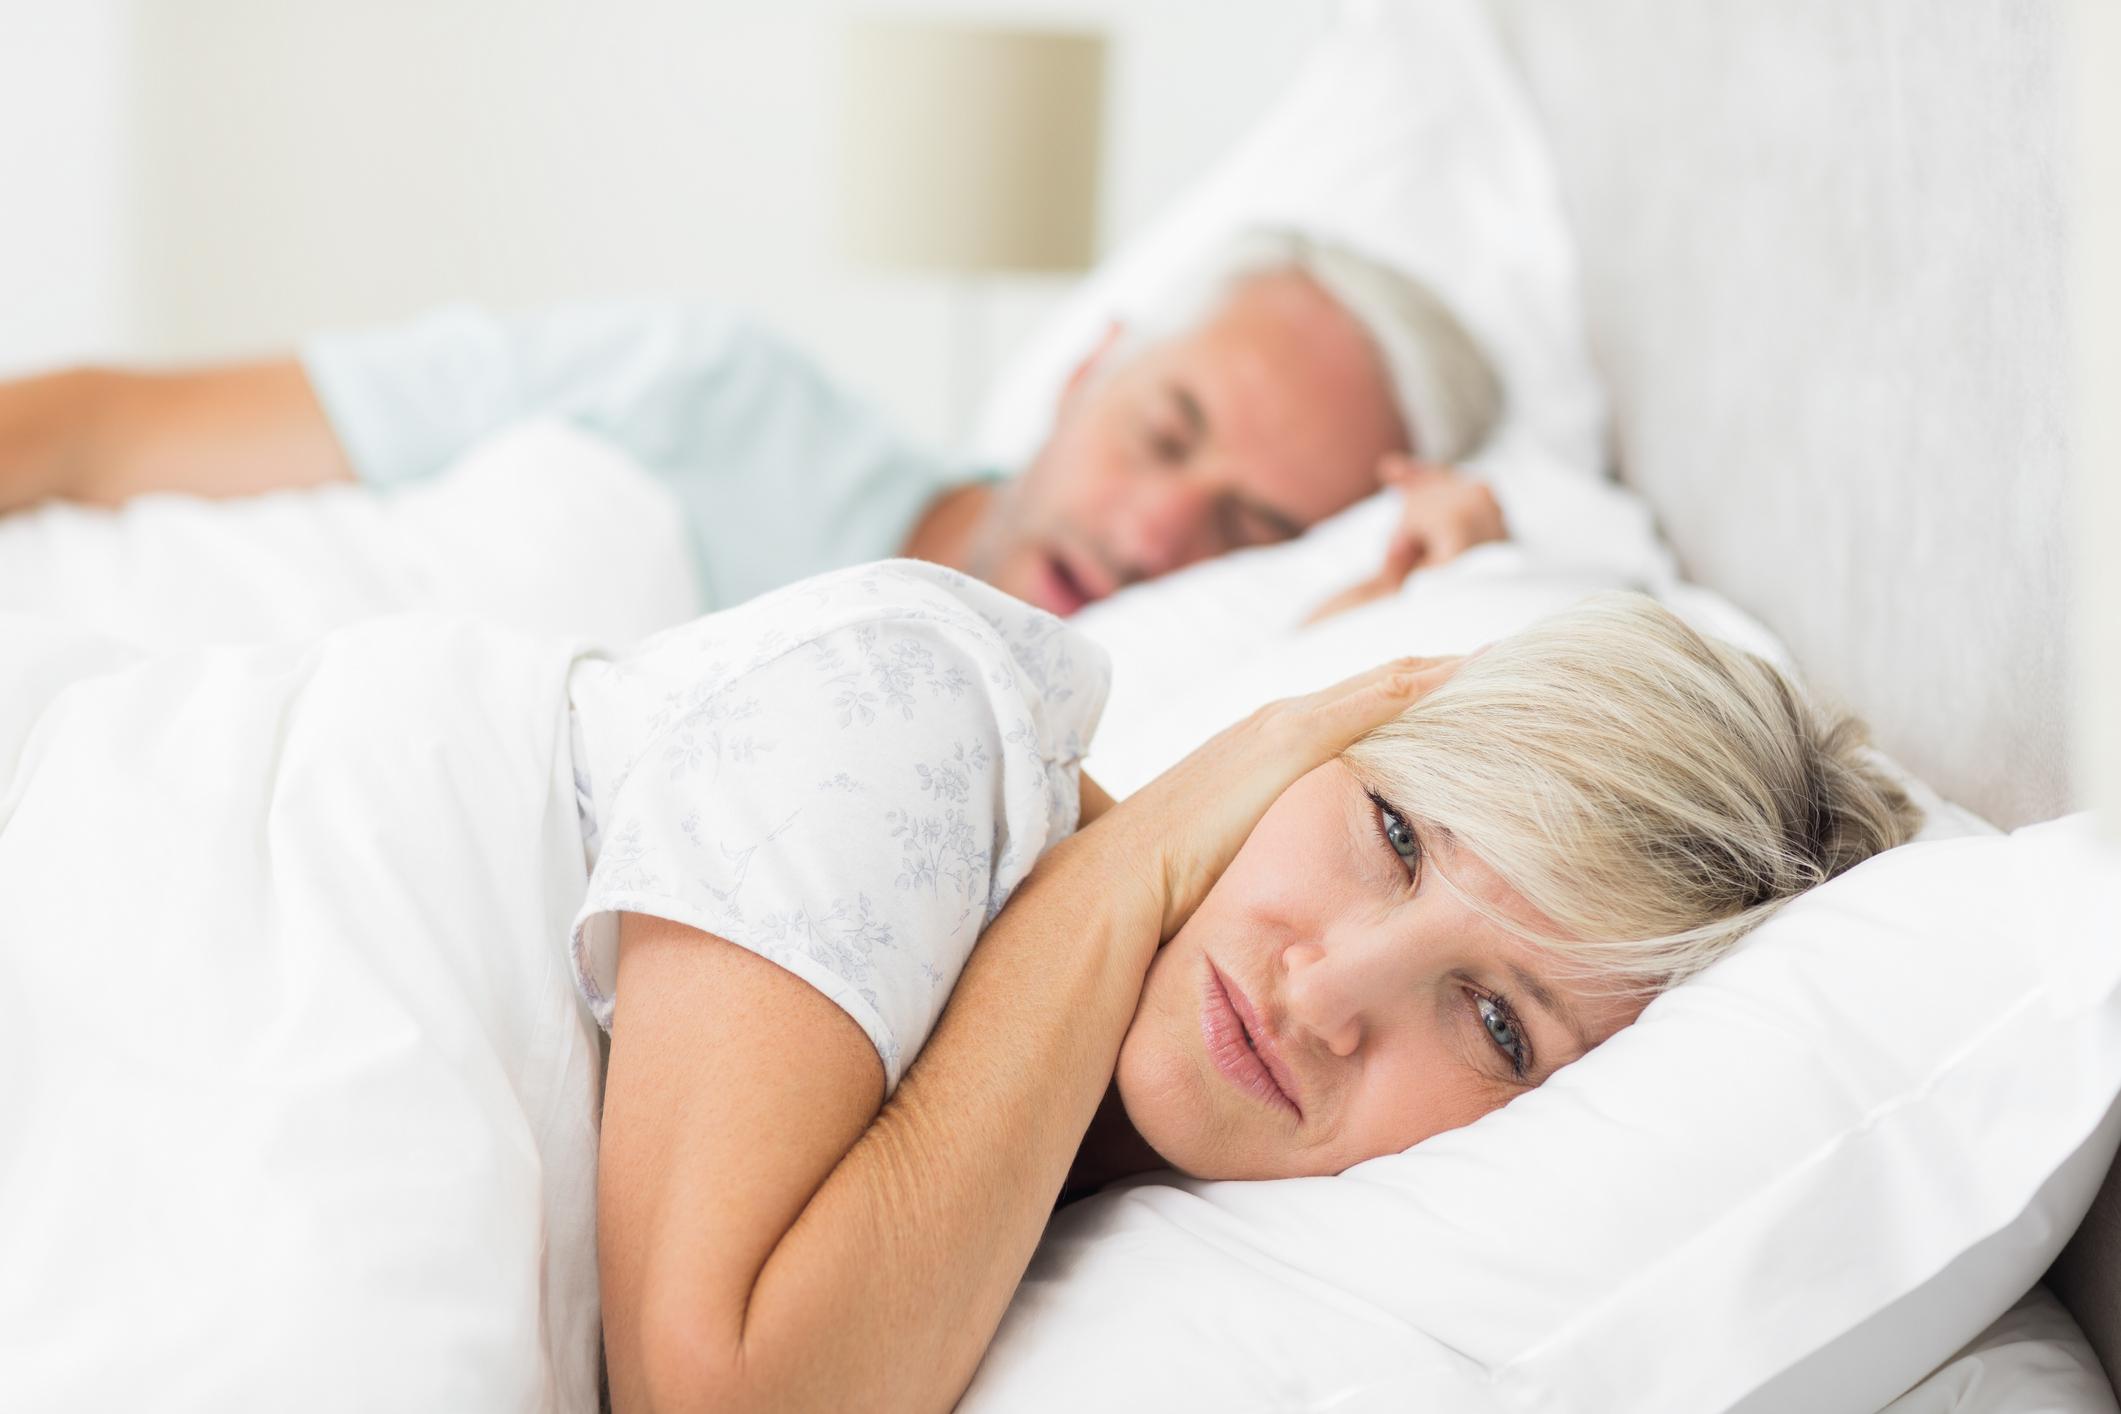 az erekció zavarja az éjszakai alvást urethritis treatment